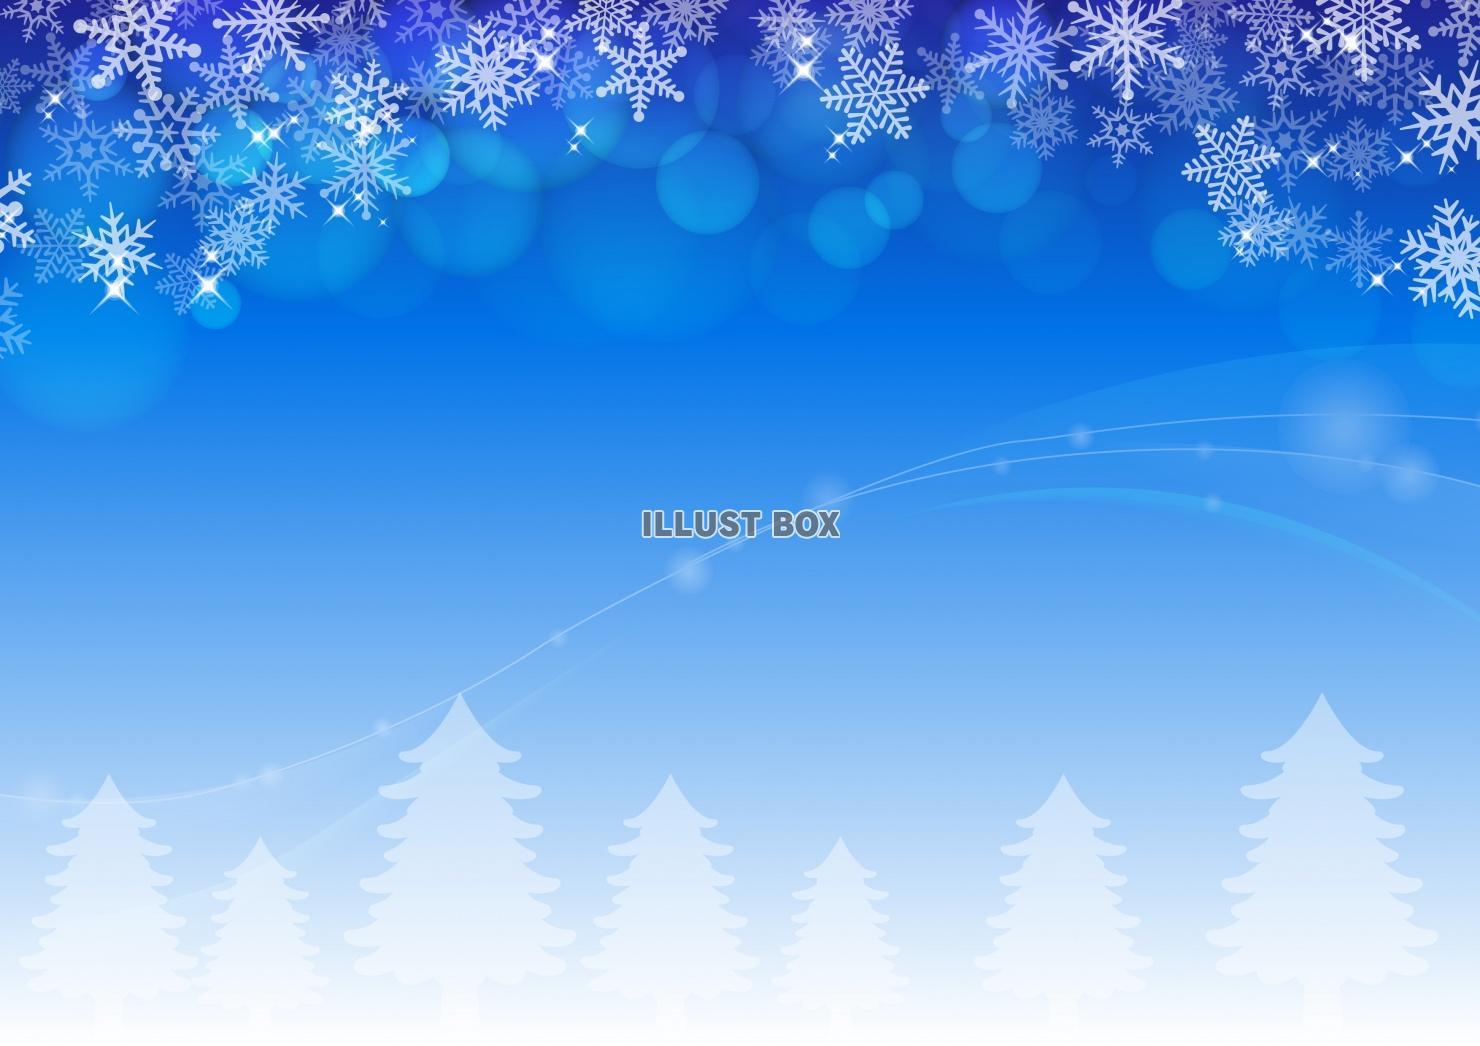 無料イラスト クリスマス用素材第118弾